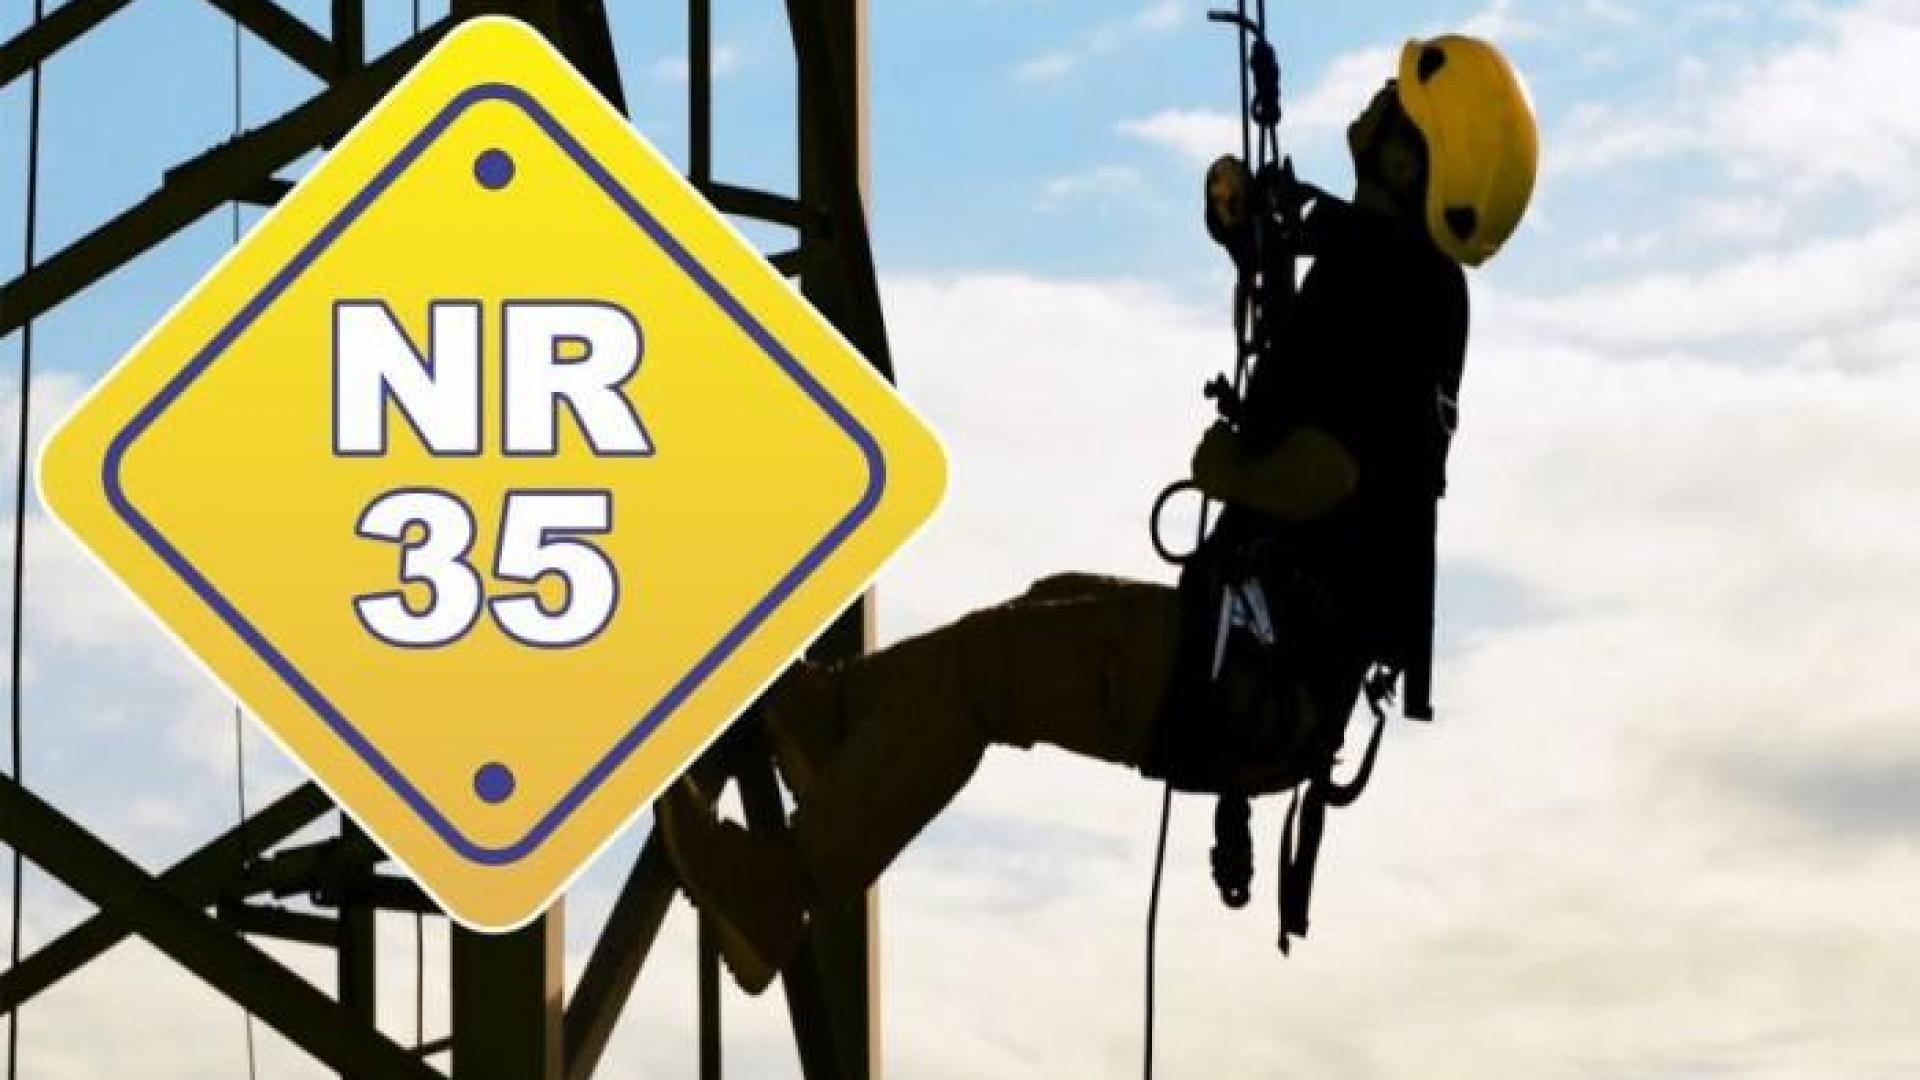 NR 35 Básico